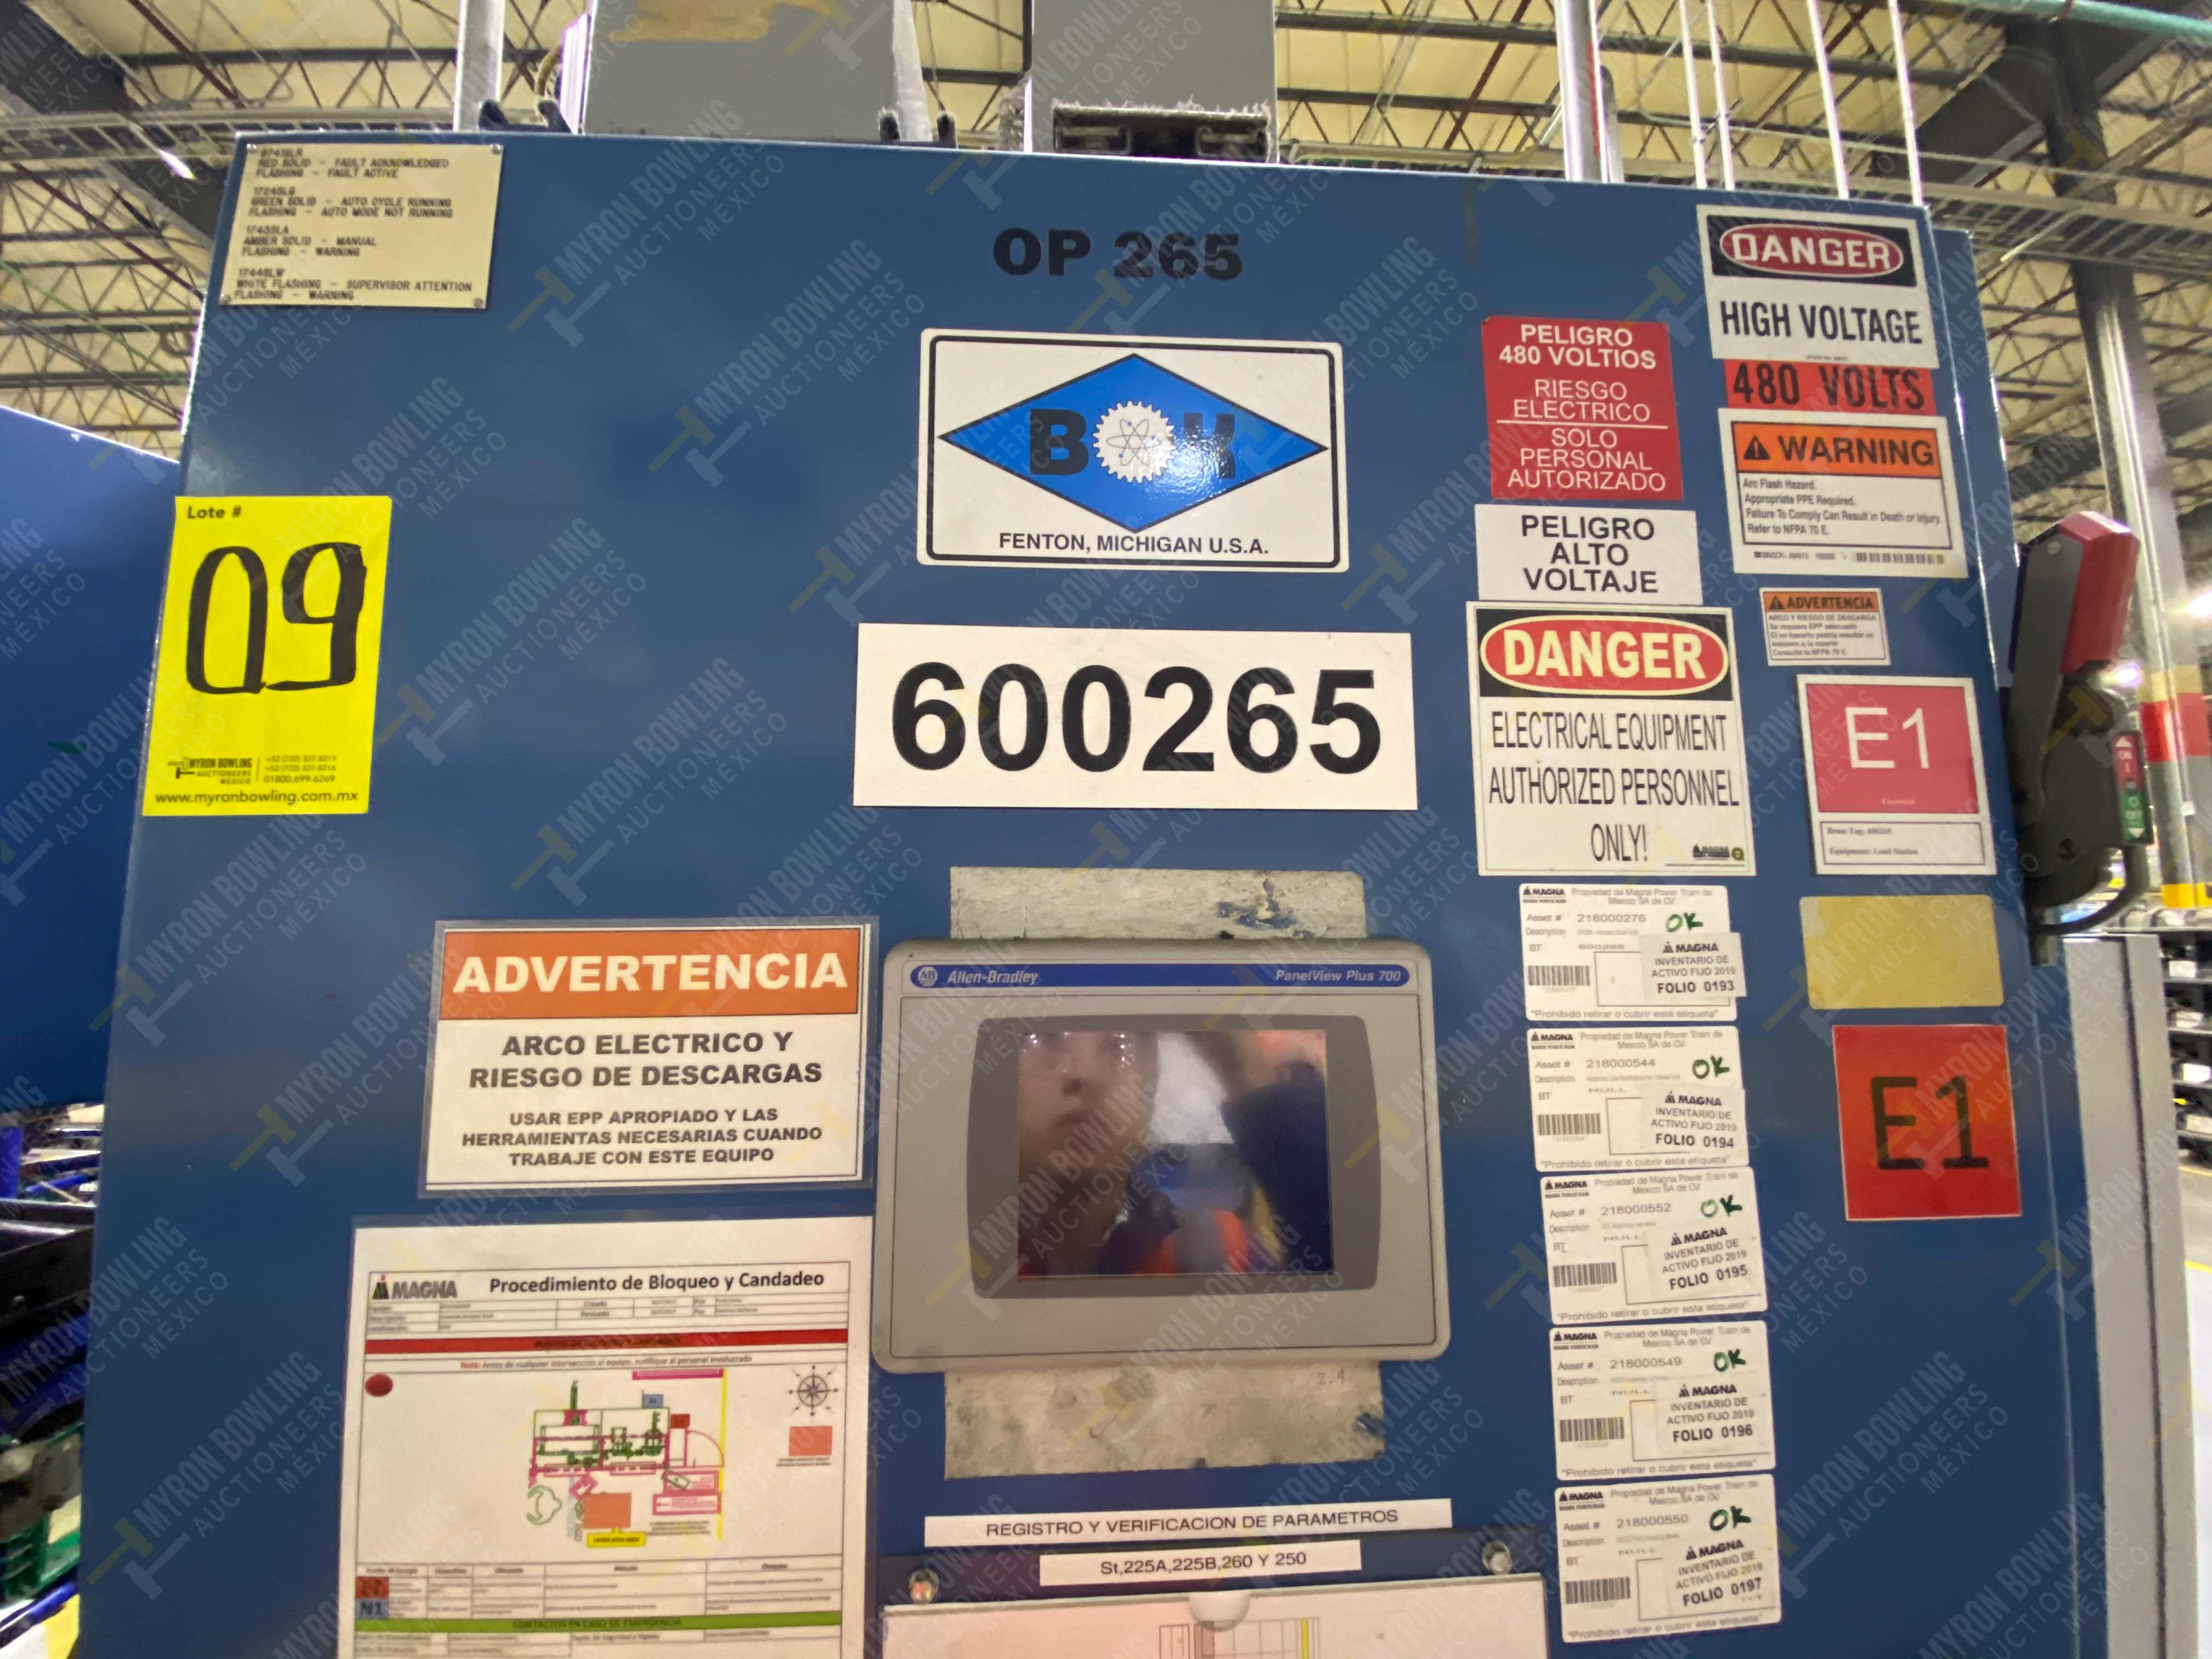 Estación semiautomática para operación 265A y 265B de ensamble de resorte, candado y ponchado - Image 23 of 30